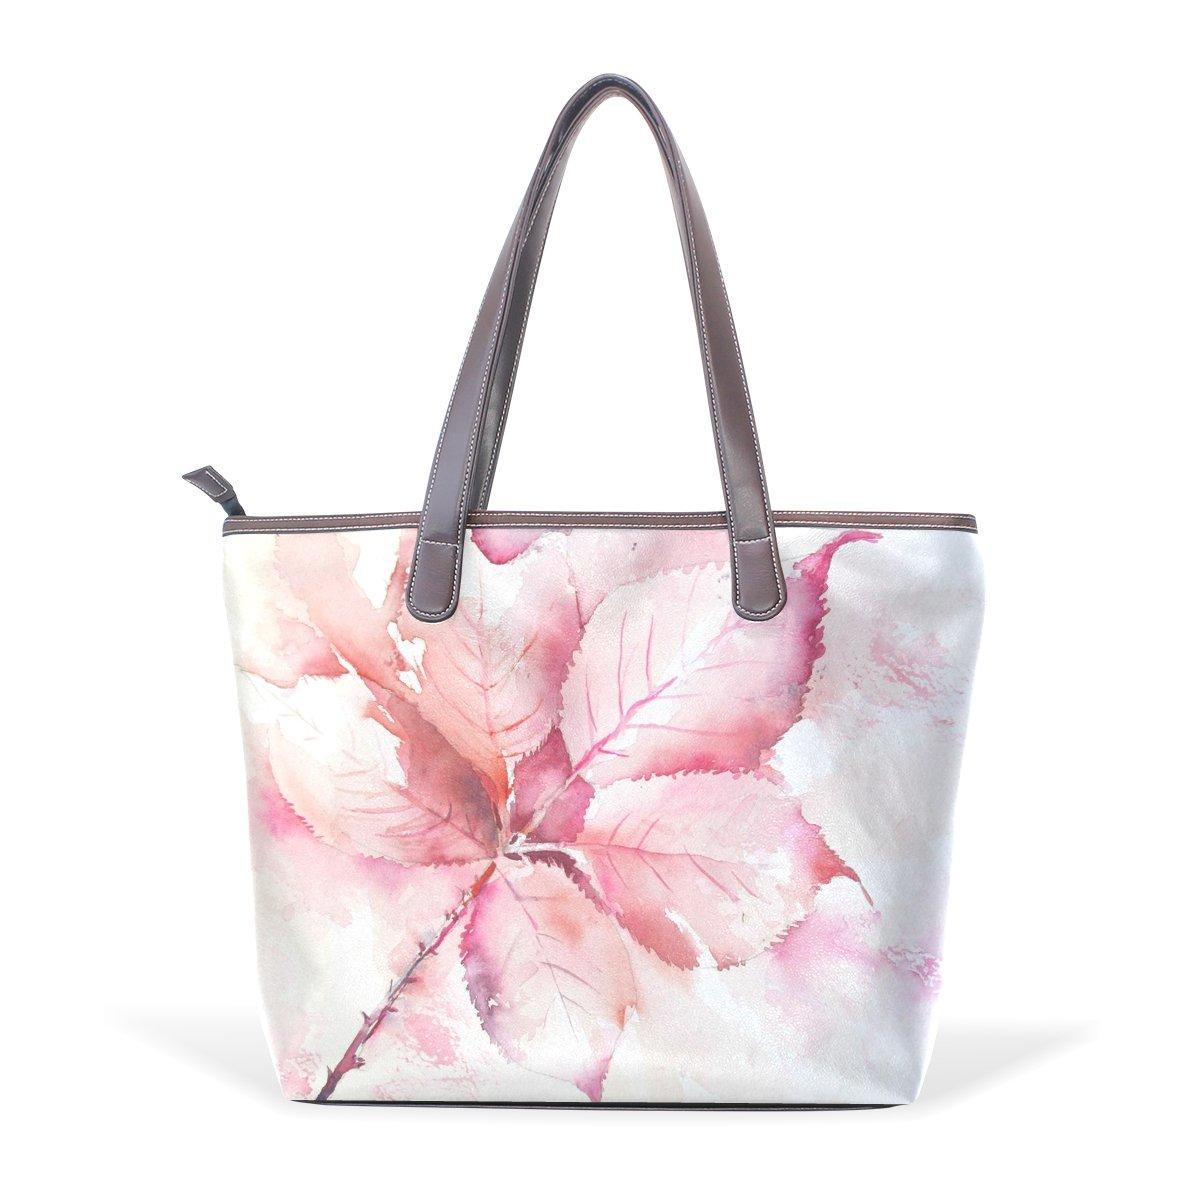 SCDS Red Leaves PU Leather Lady Handbag Tote Bag Zipper Shoulder Bag